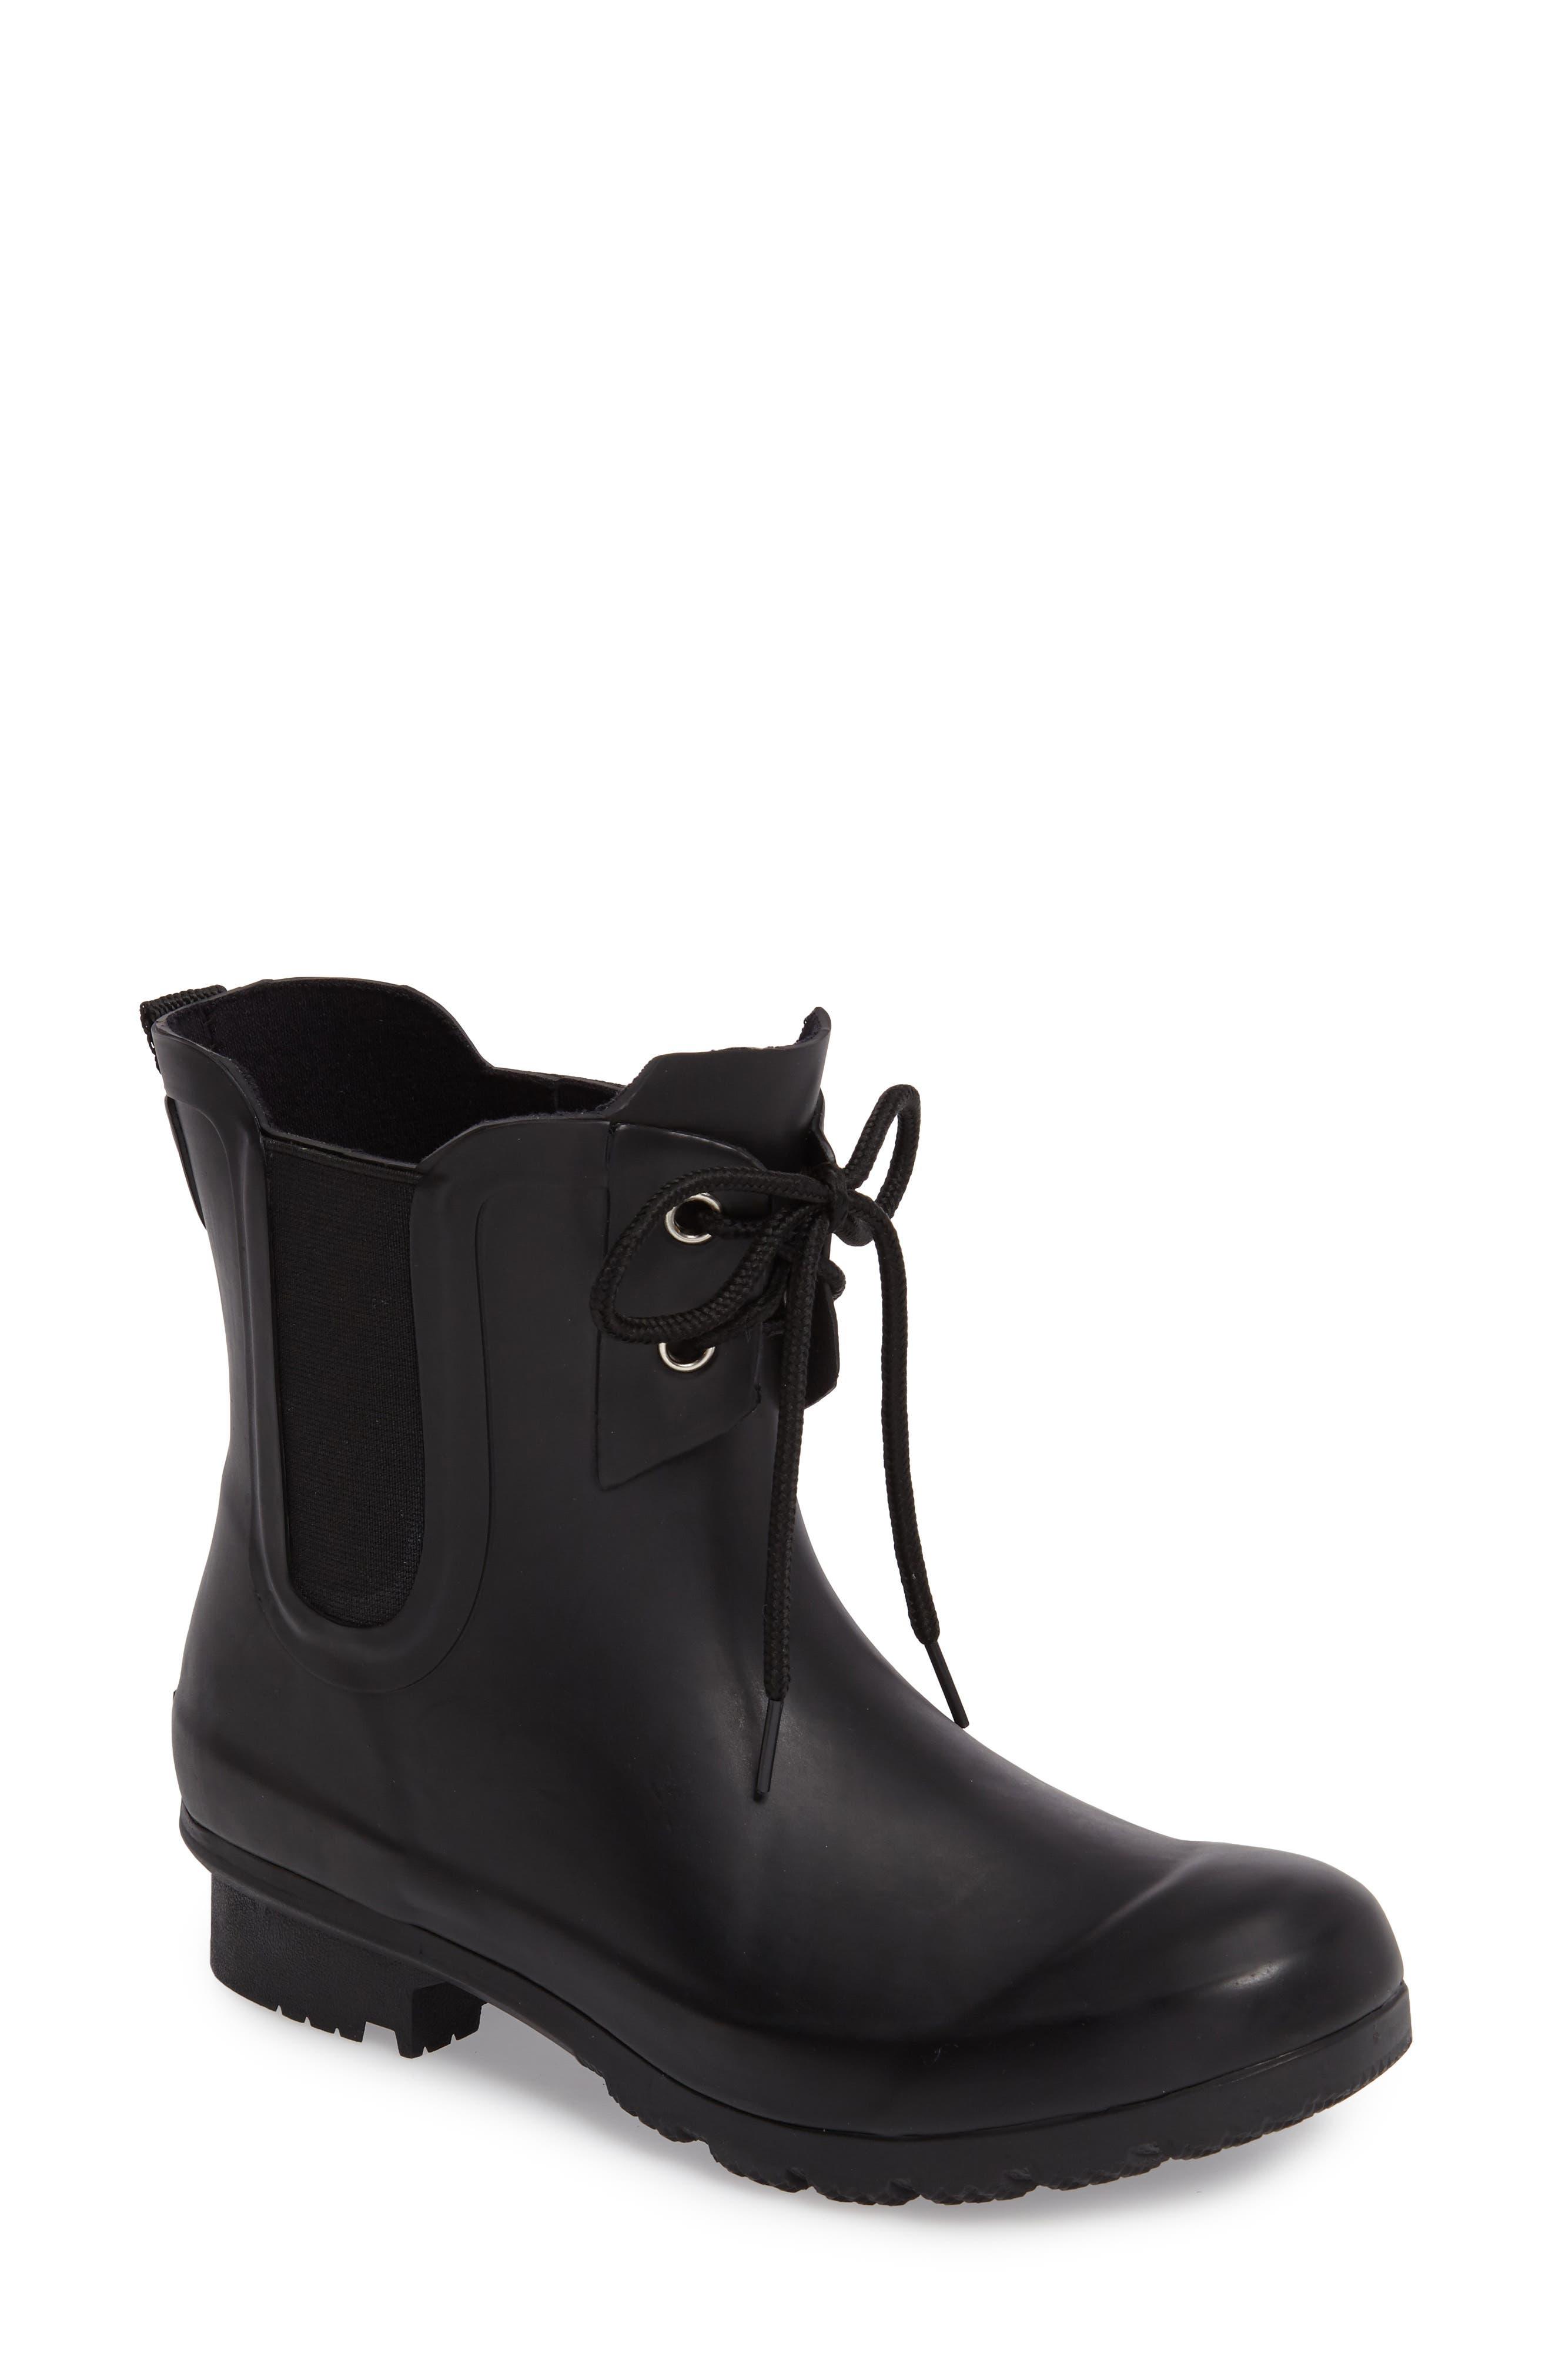 Waterproof Chelsea Rain Boot,                         Main,                         color, 012